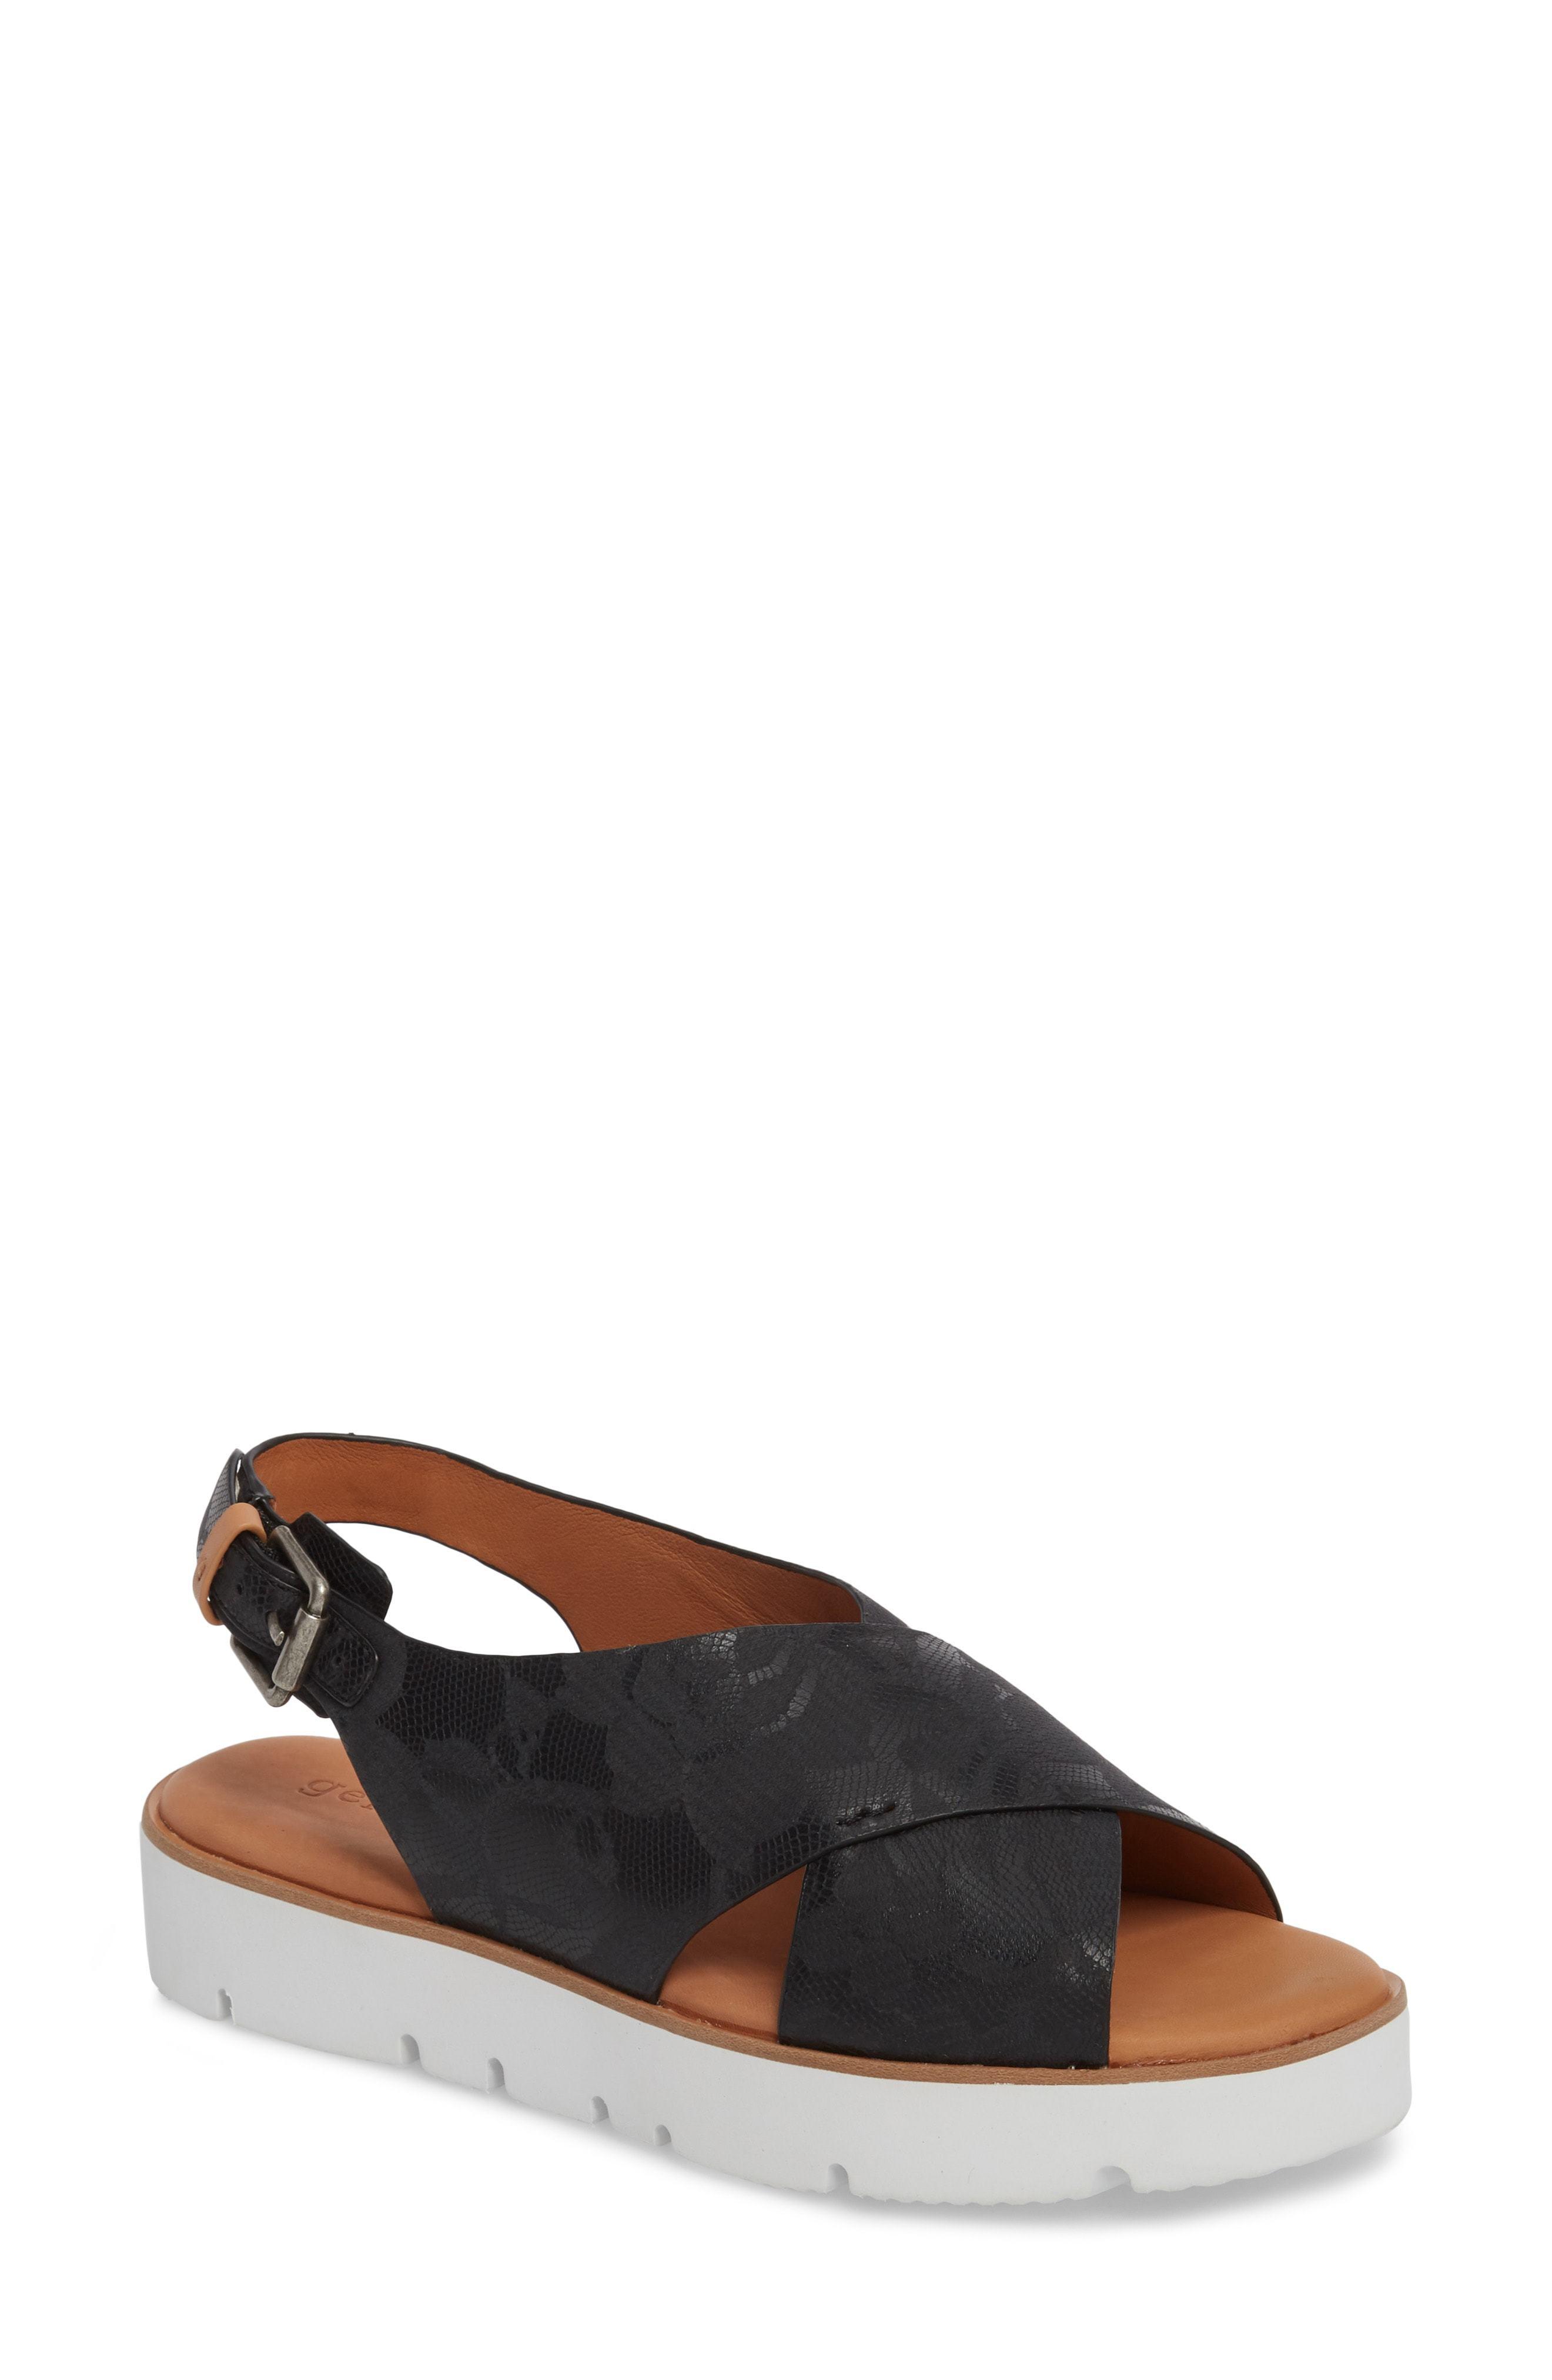 5f000c773a9f ... Sandals Gentle Souls By Kenneth Cole Kiki Platform Sandal